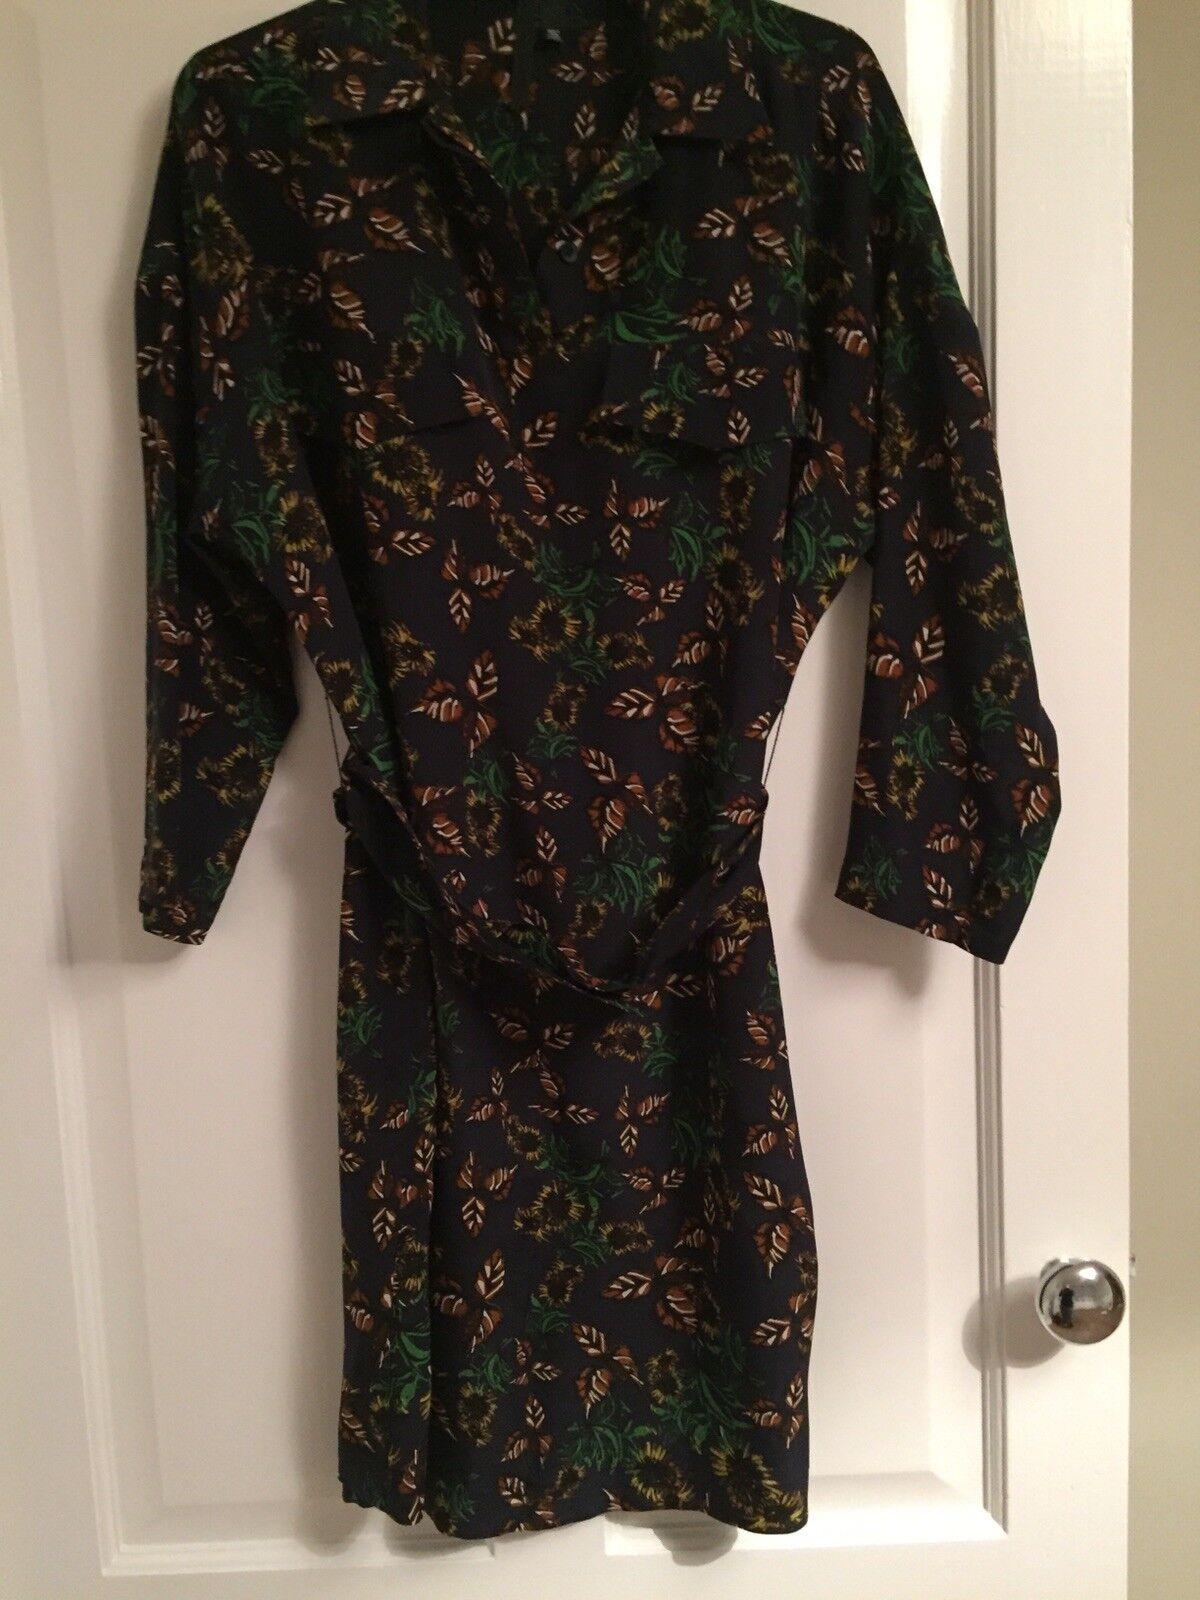 Topshop Boutique Silk Dress 6